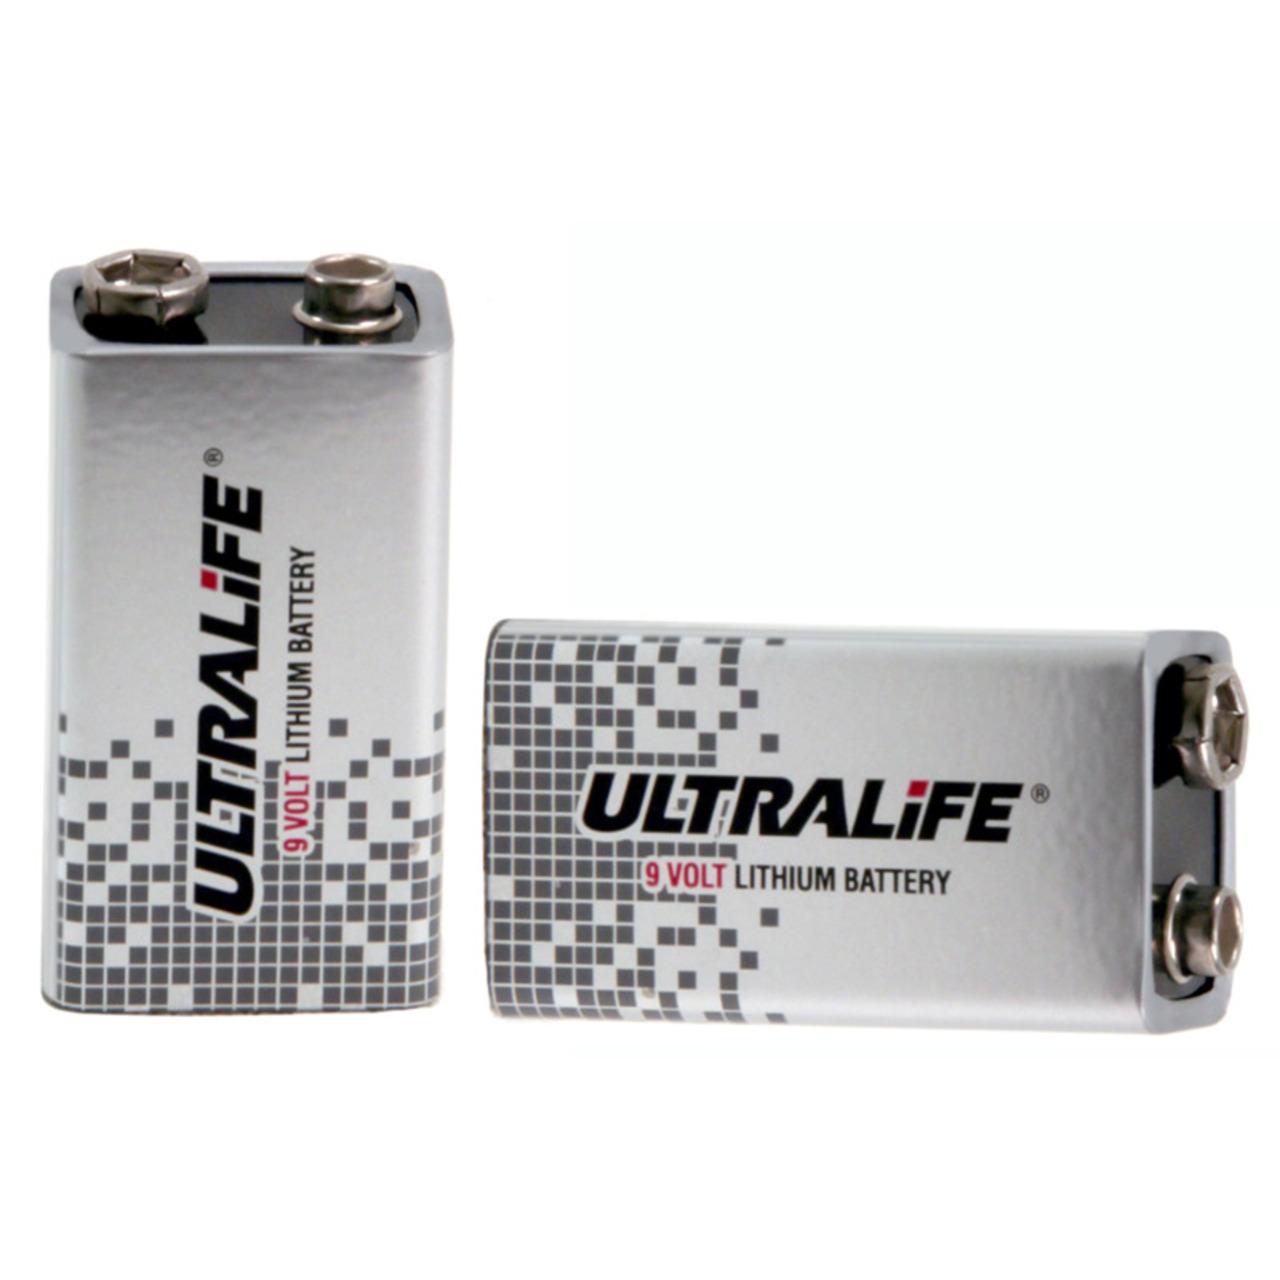 ULTRALIFE Lithium 9-V-Block-Batterie 1-2 Ah